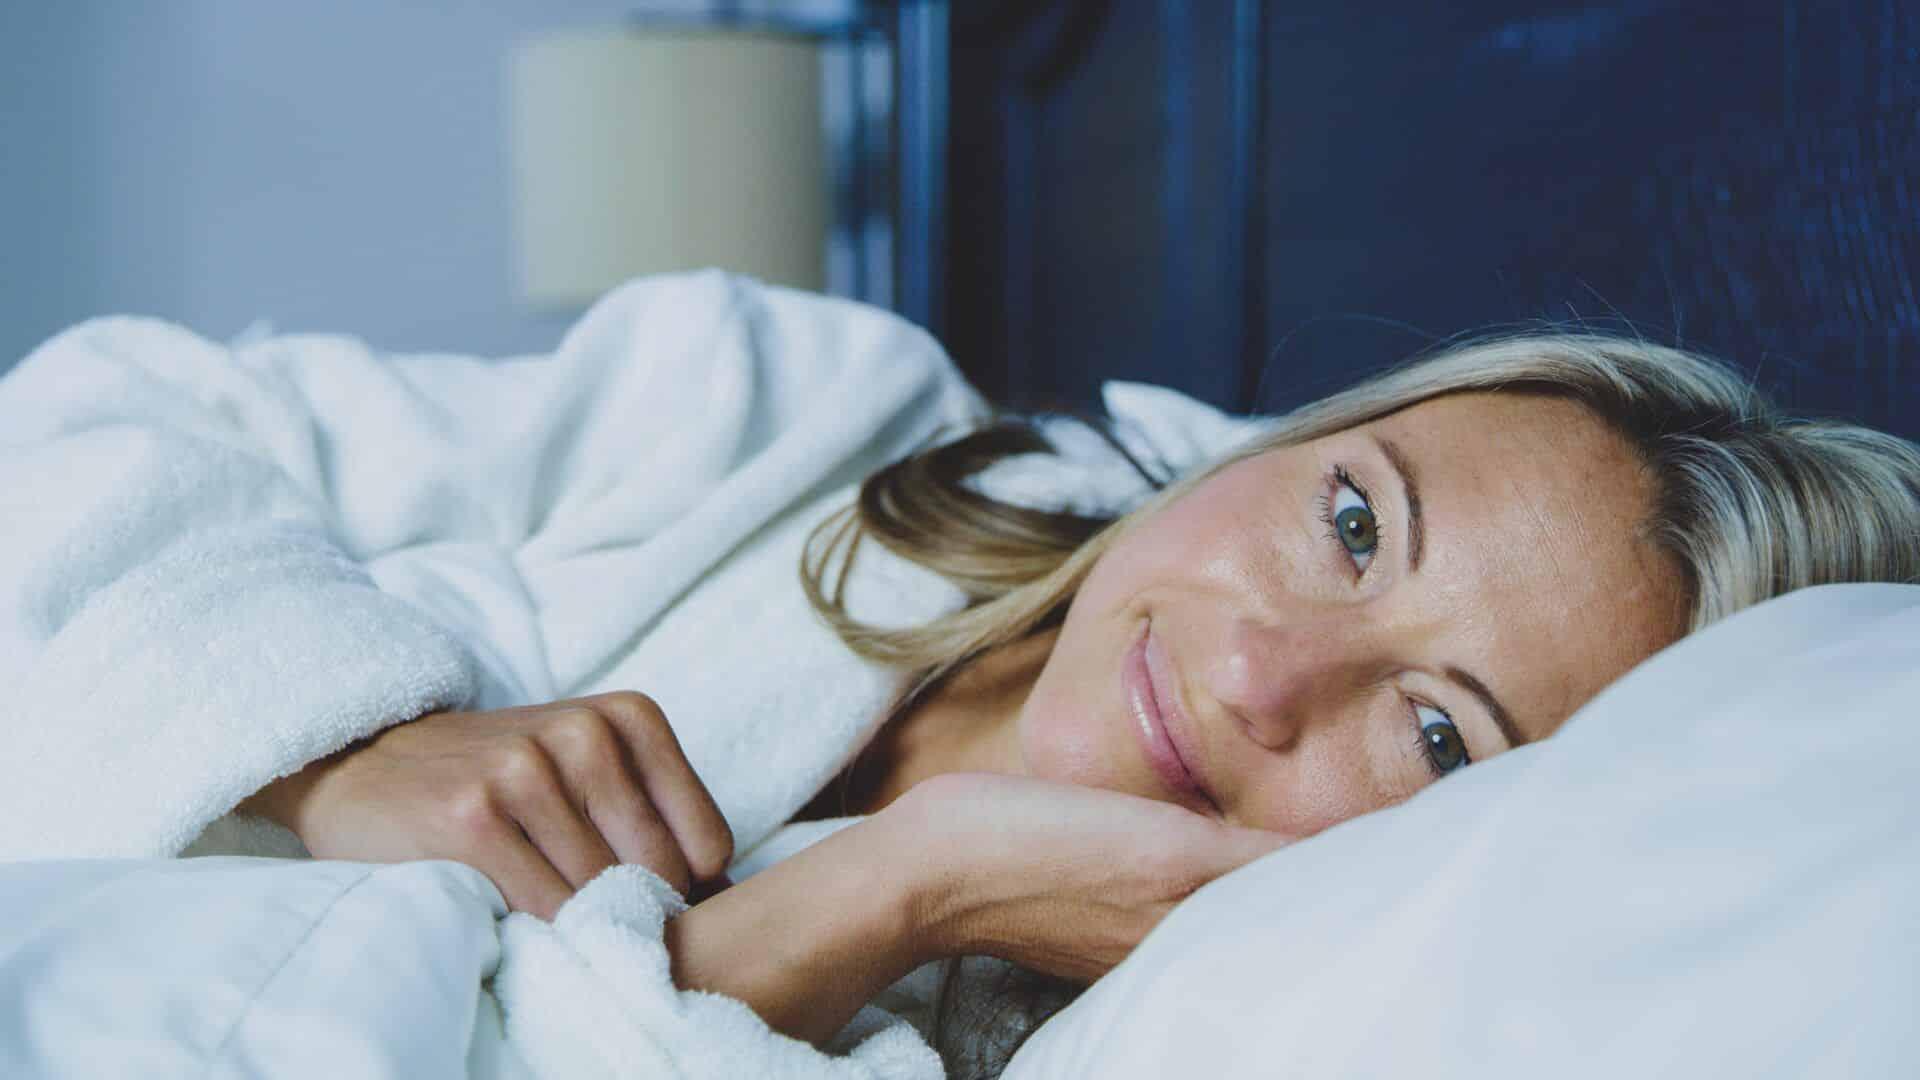 dormir bem pele saudável